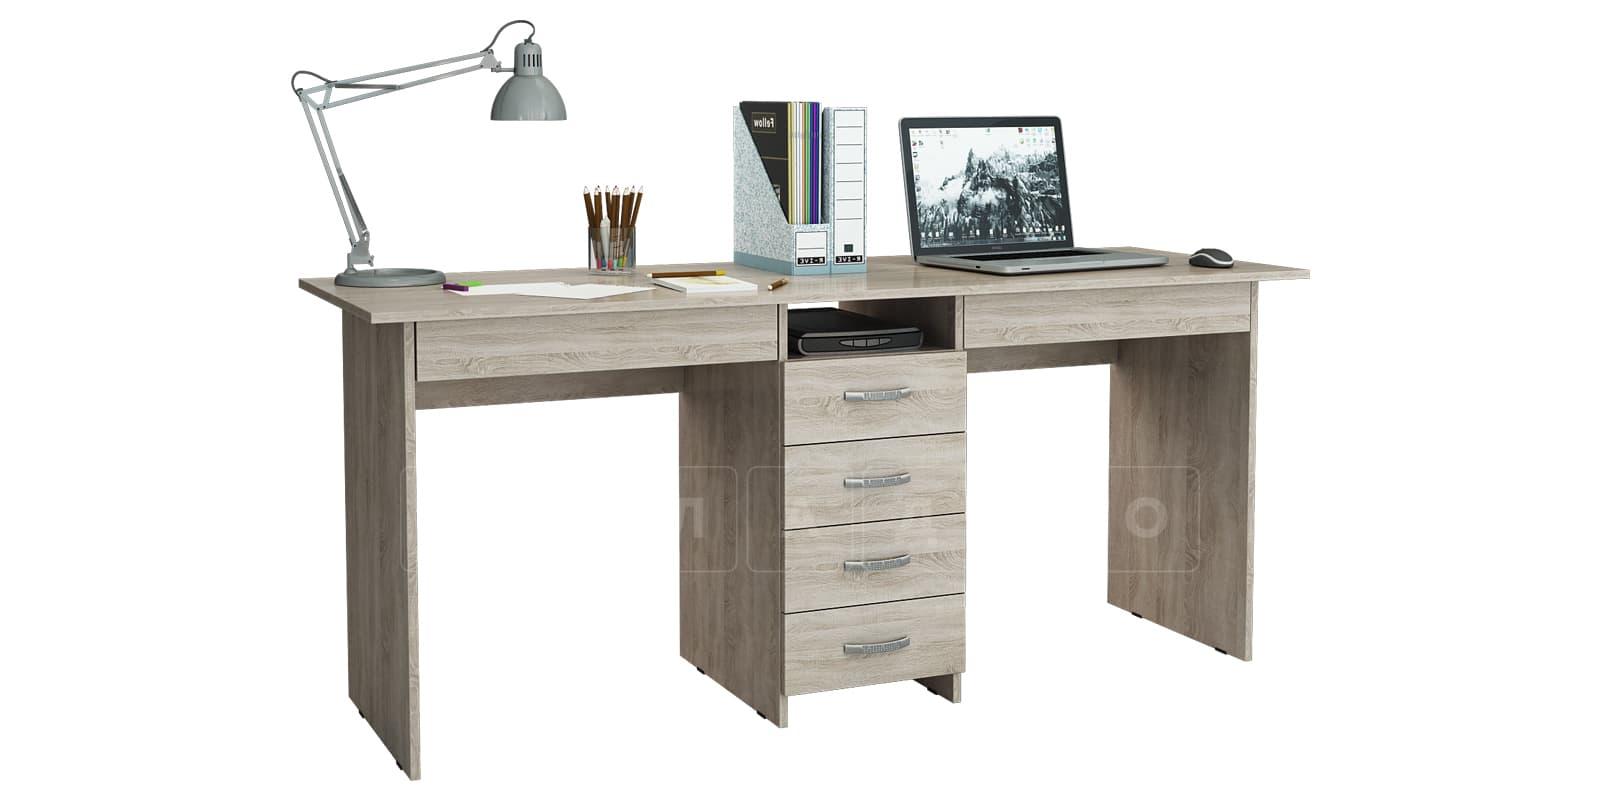 Офисный стол Кейптаун 6 ящиков фото 1 | интернет-магазин Складно